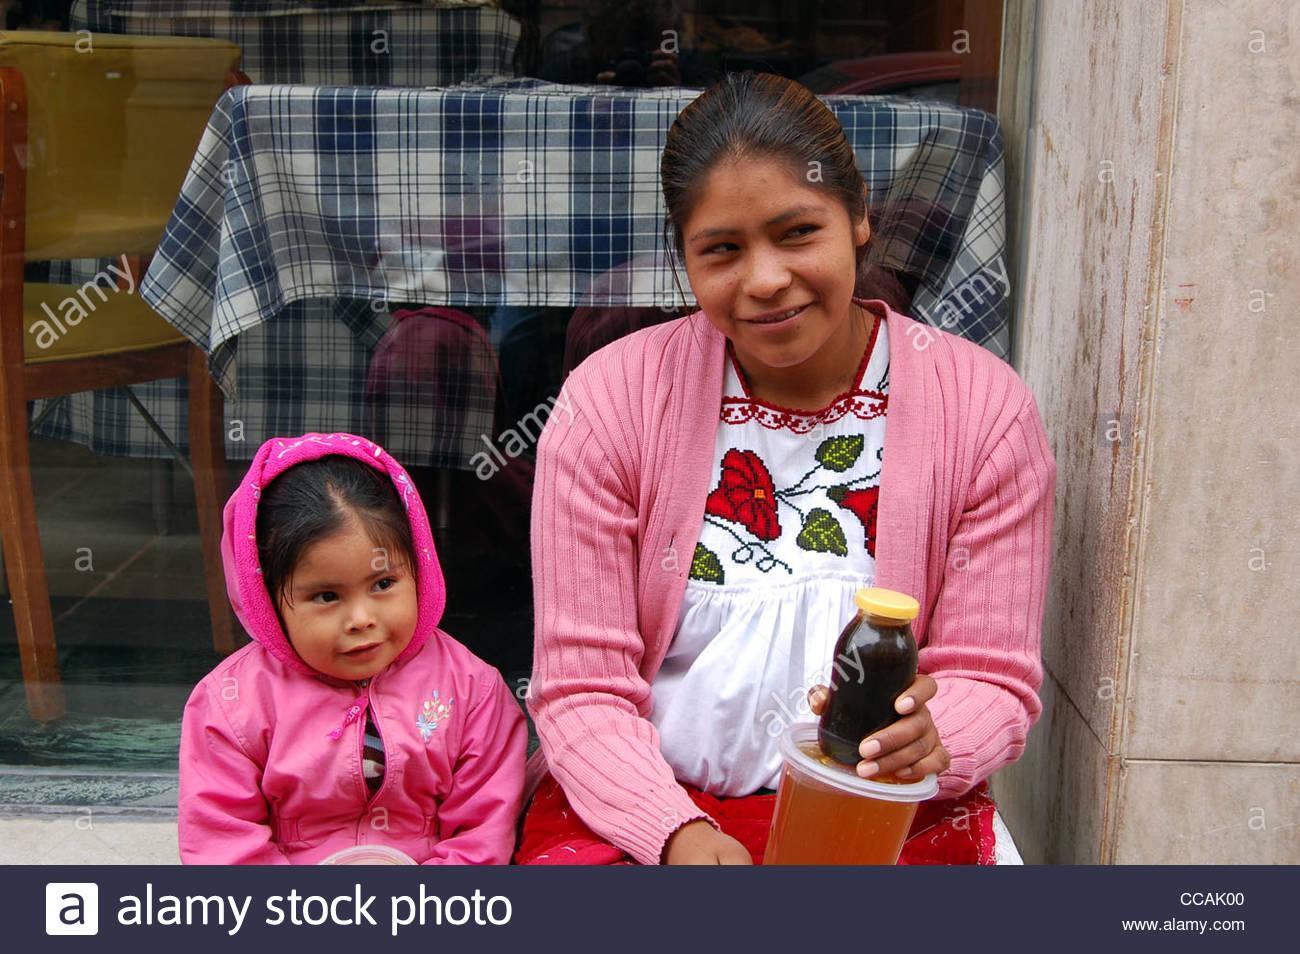 Strada messicana scena madre e figlia la vendita di miele a passerby guardando la fotocamera. Le questioni sociali Immagini Stock